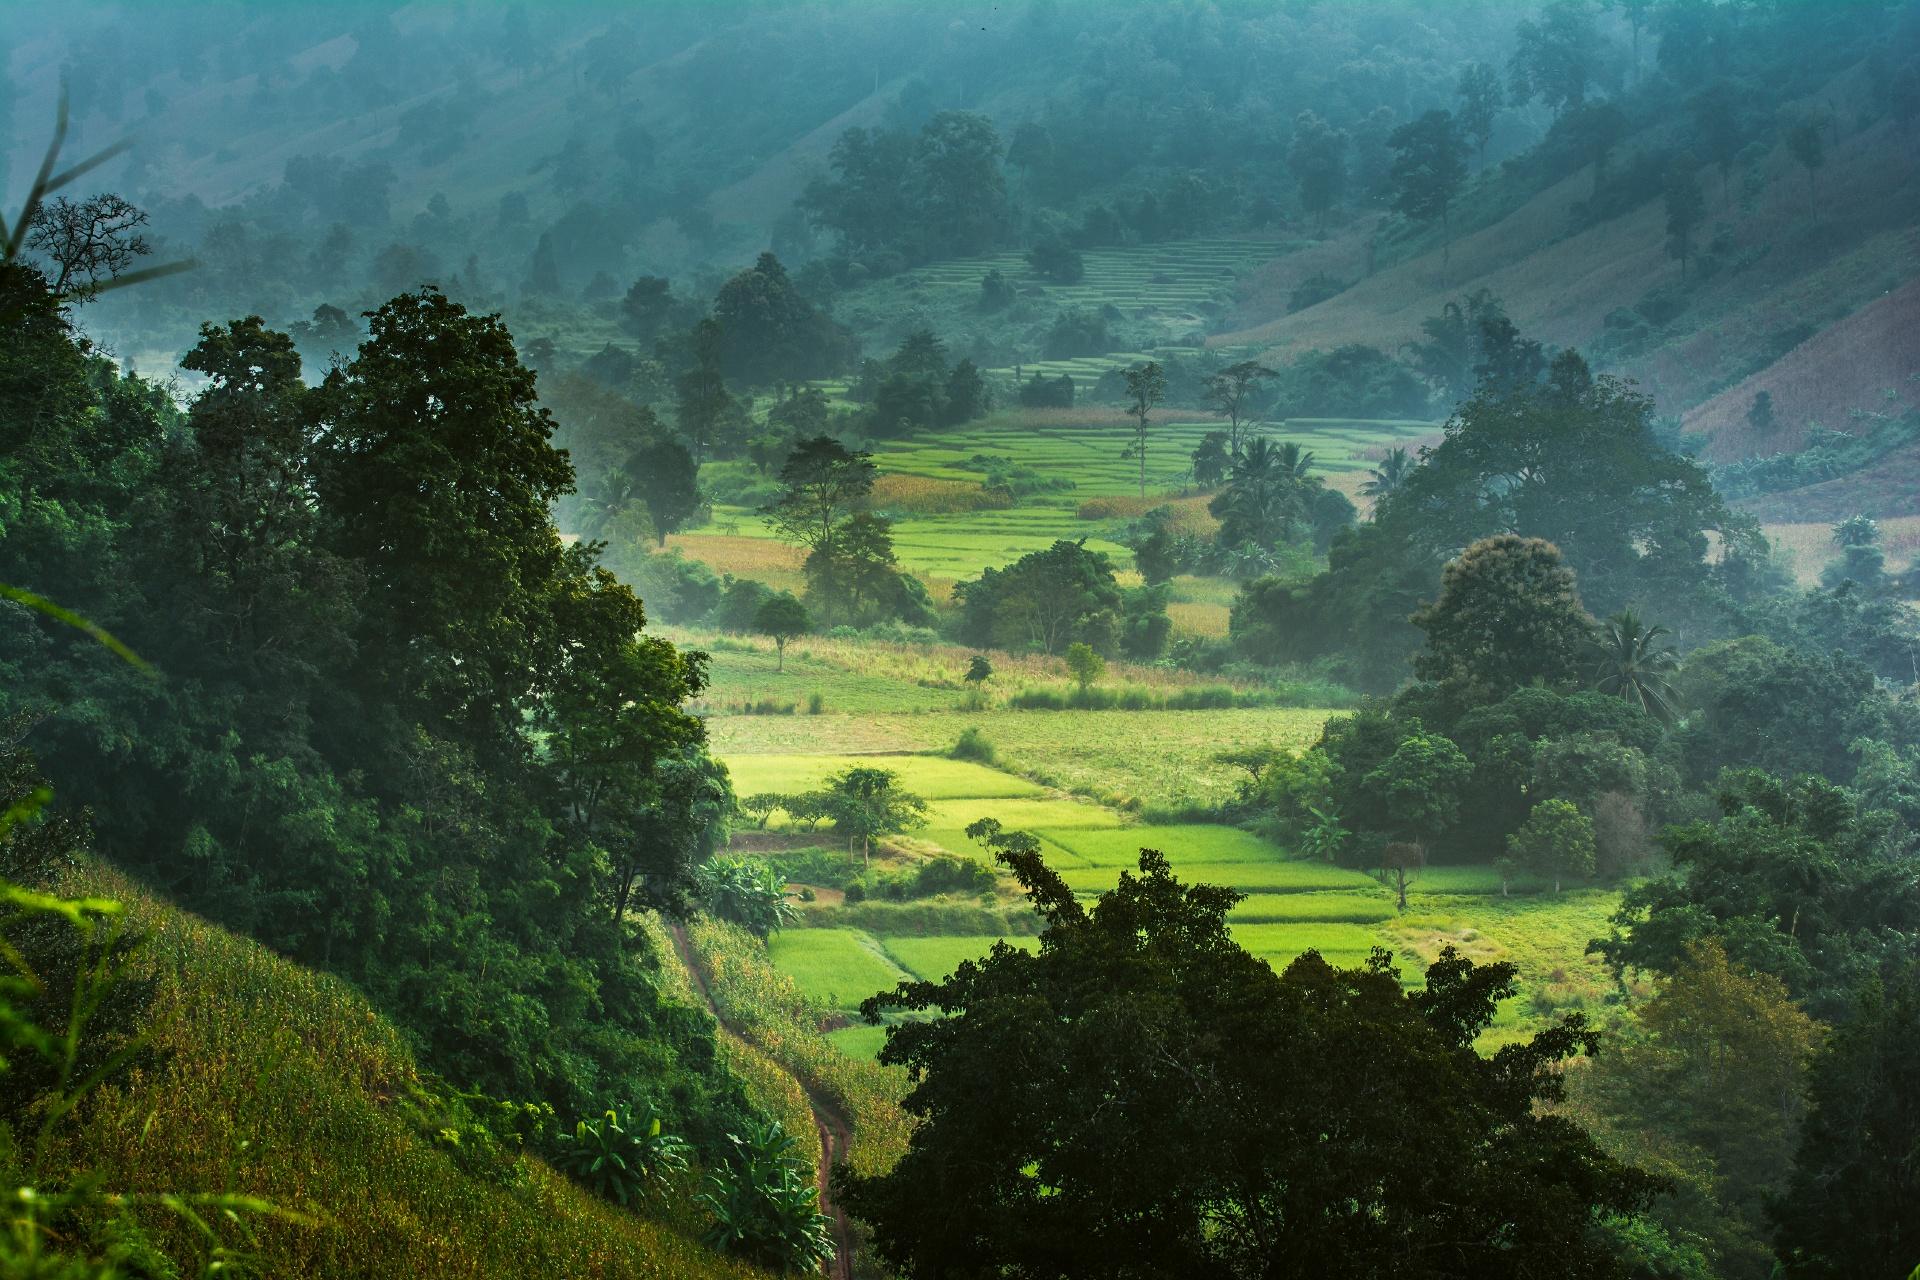 タイの田園風景 タイの風景